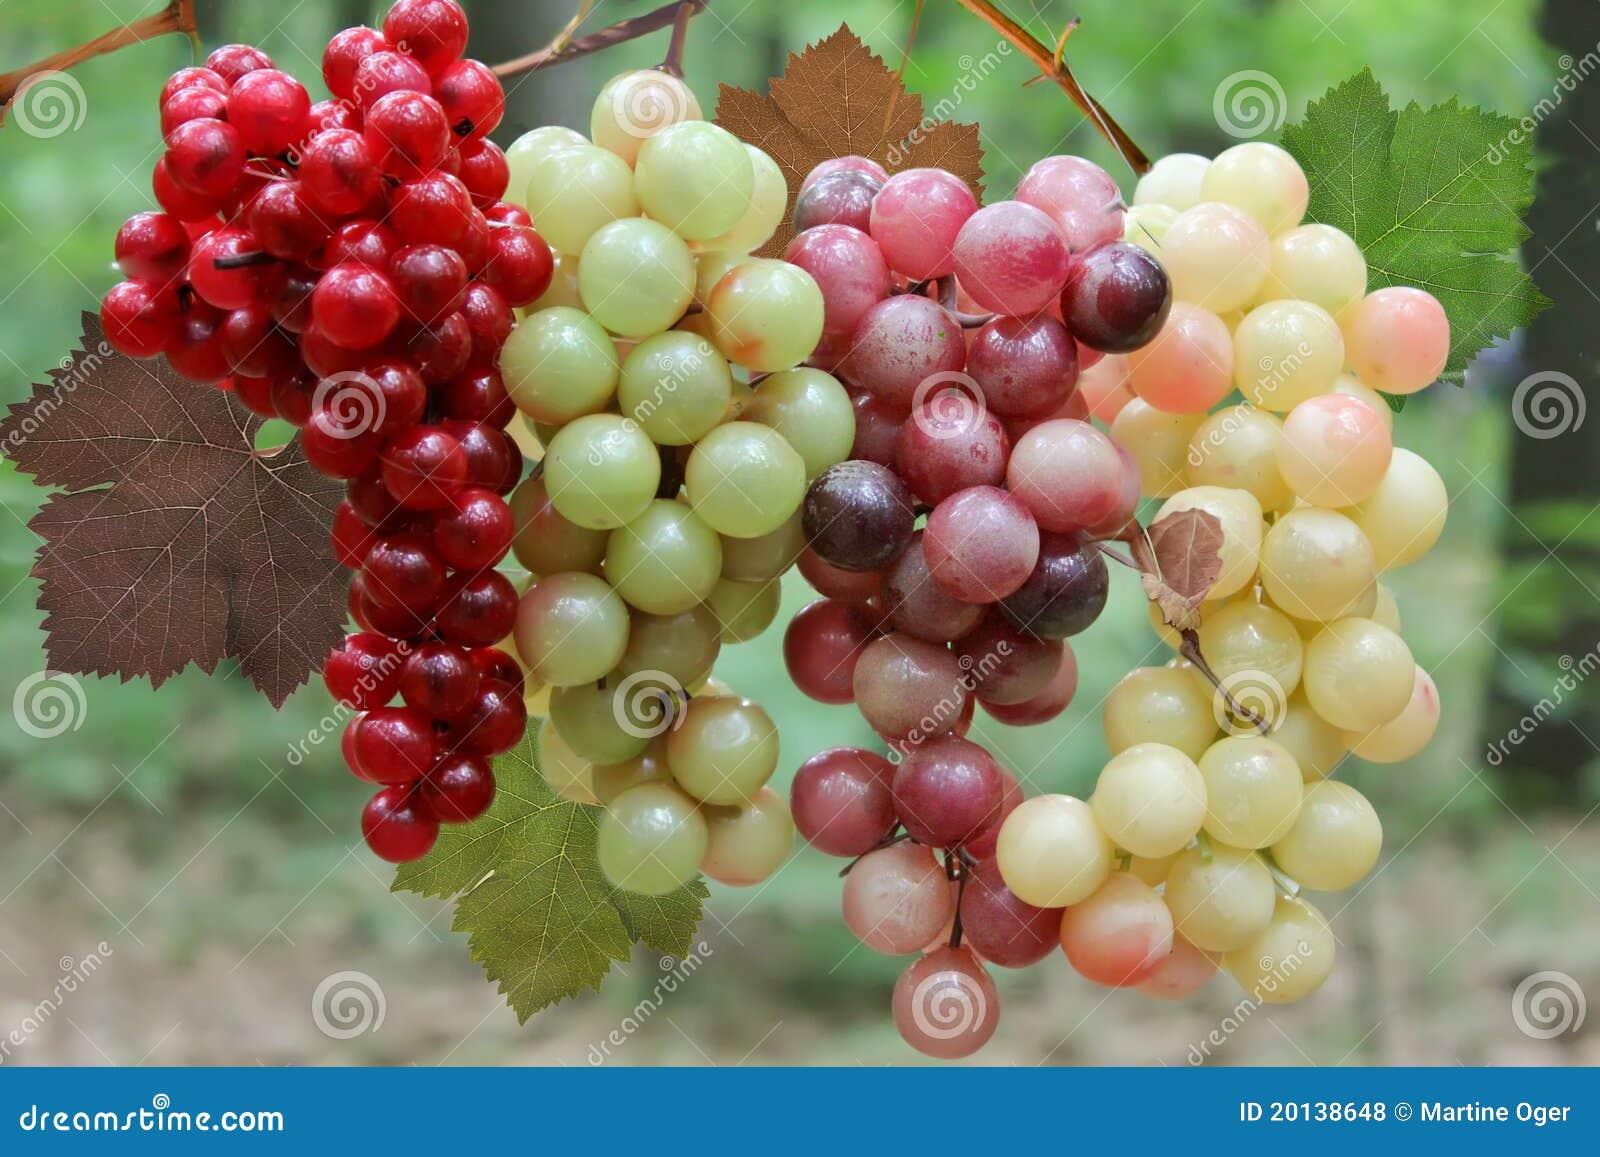 Uvas de vino en la vid.